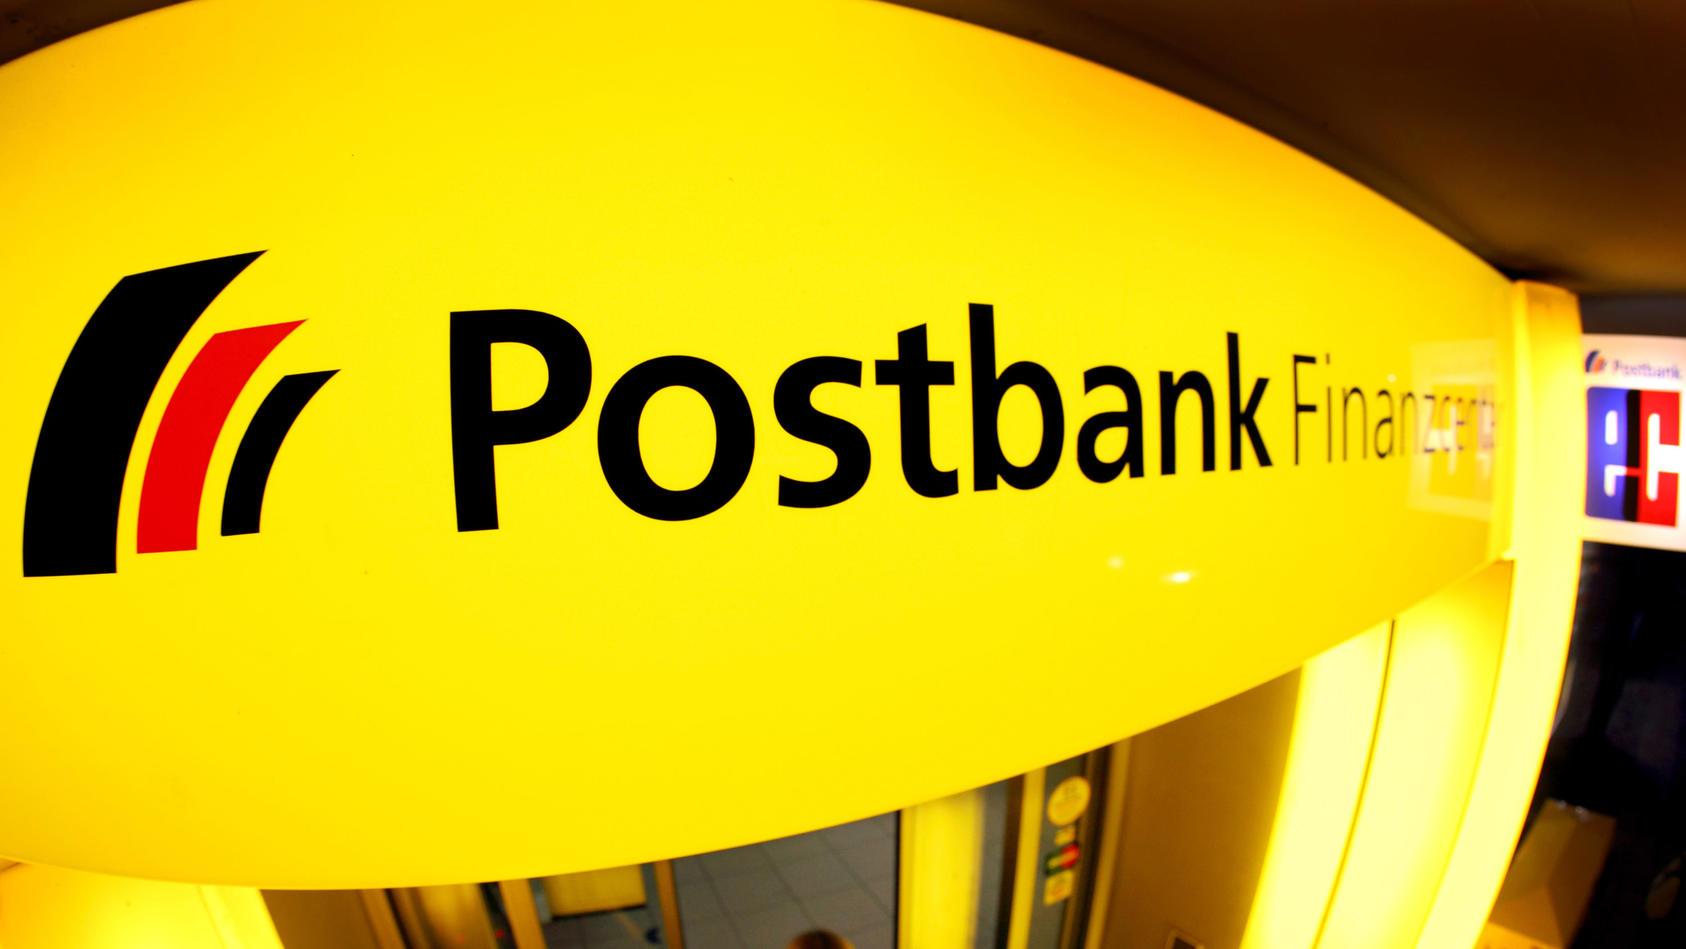 Bei der Klage ging es um eine AGB-Änderung der Postbank.